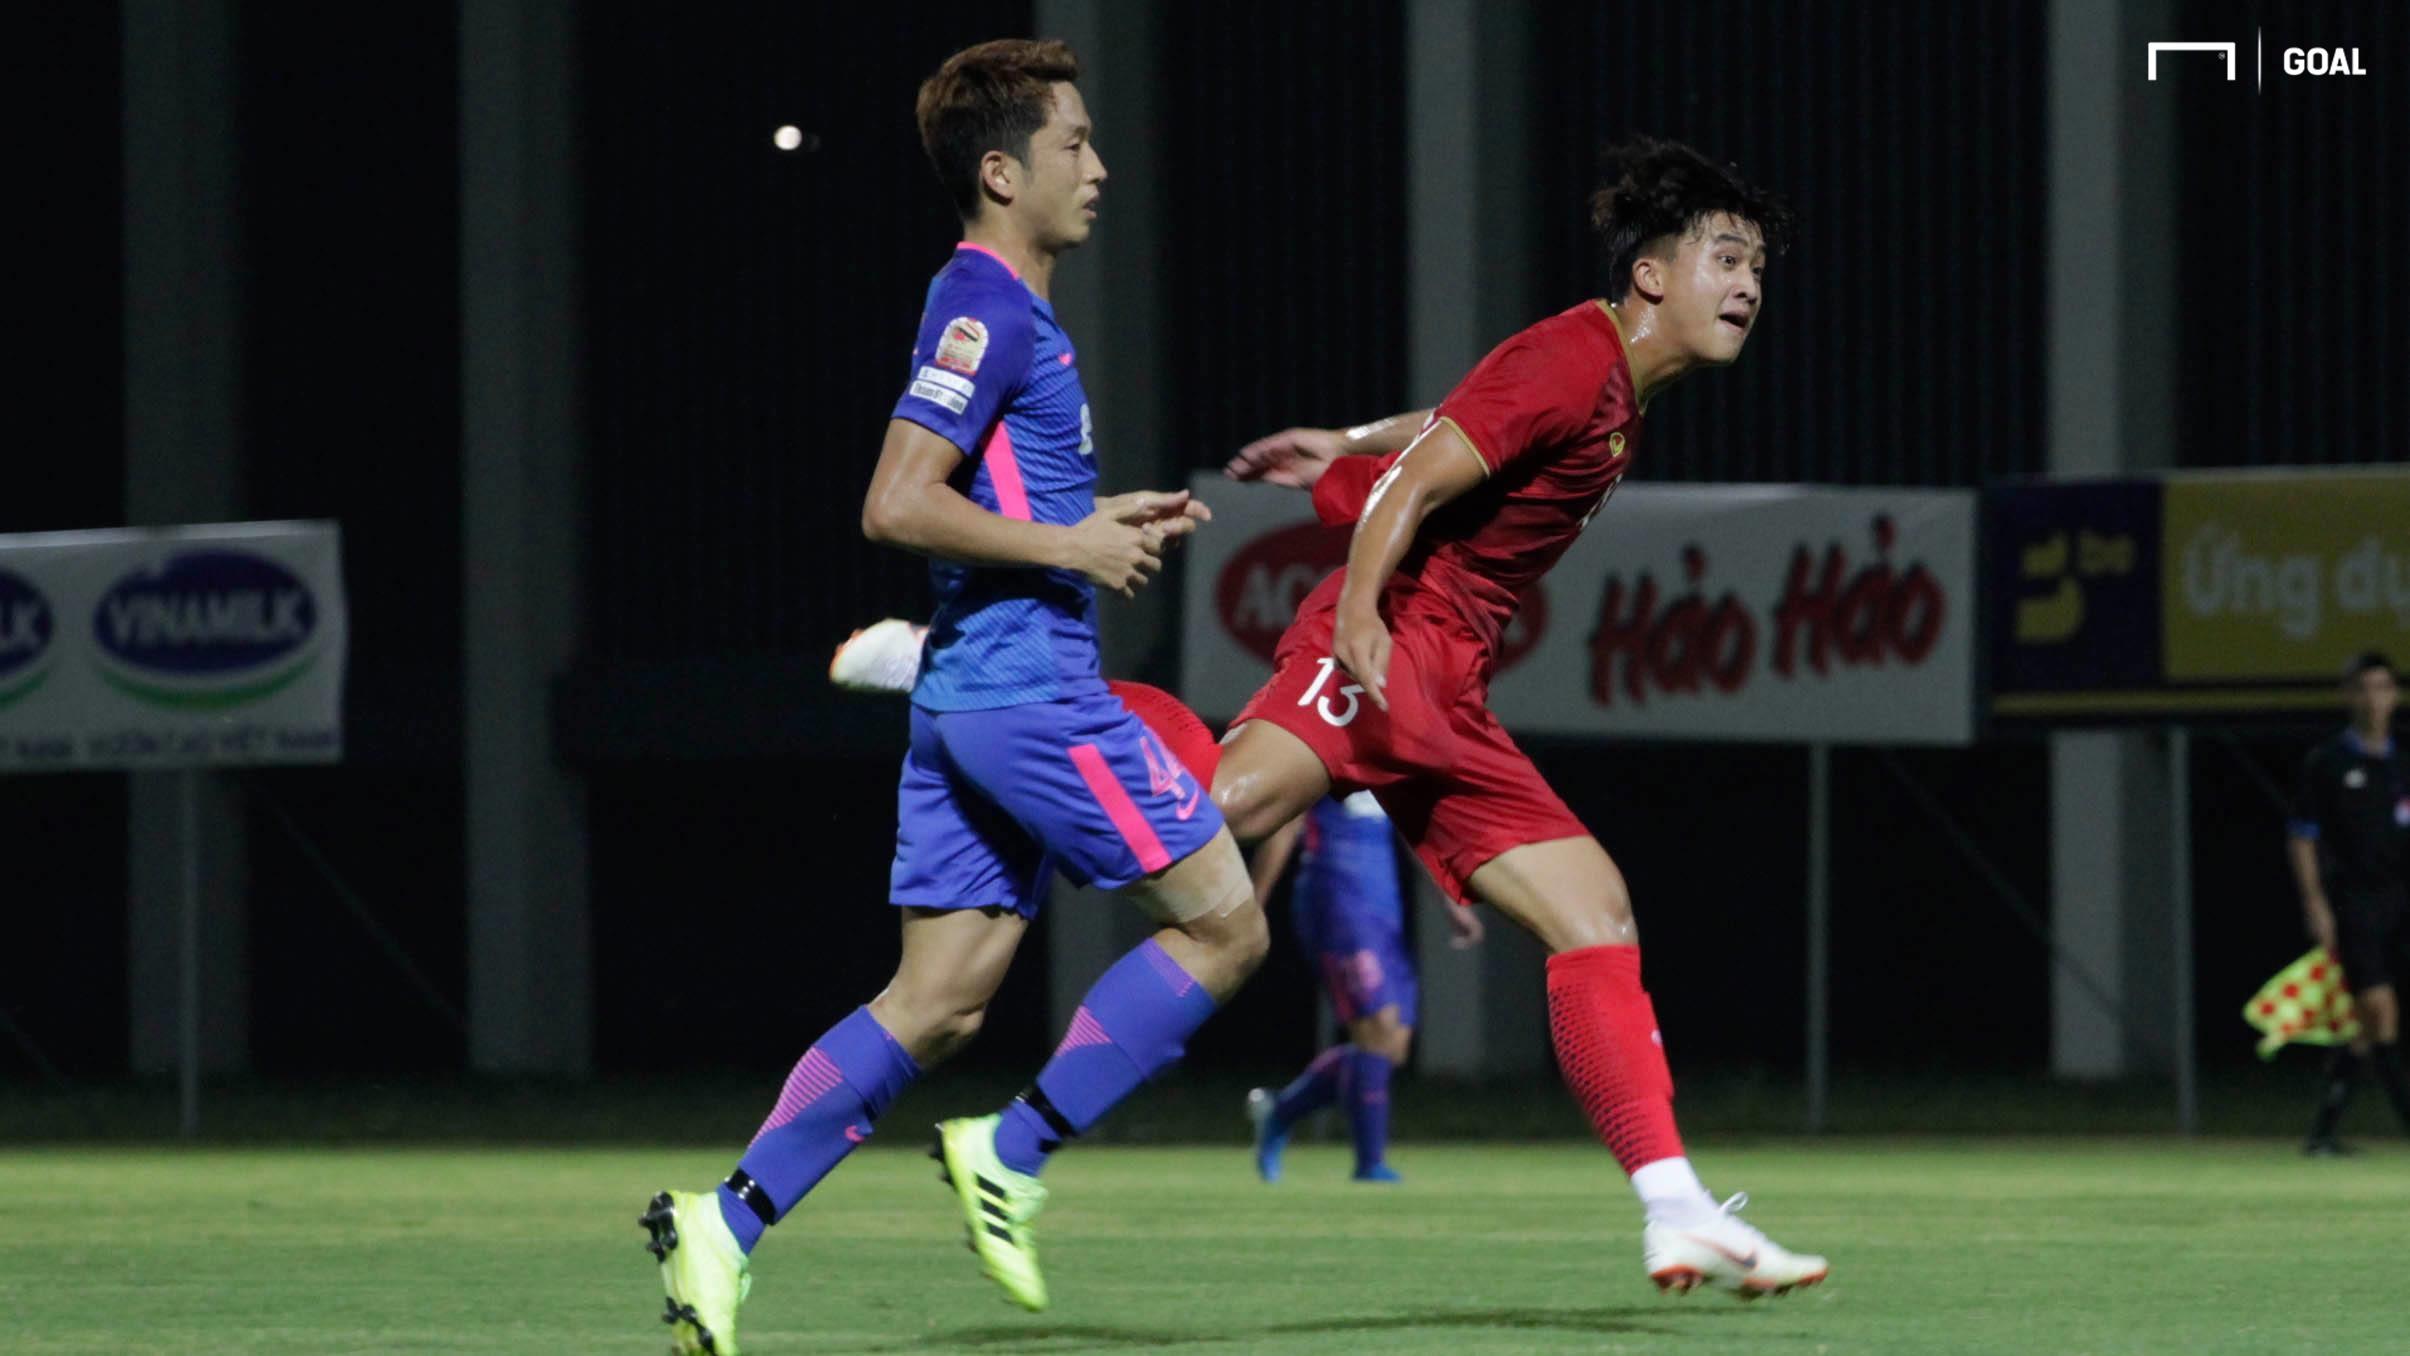 Soi kèo tỷ số Kitchee vs Guangzhou, 21h00 ngày 3/7 - Cúp C1 Châu Á